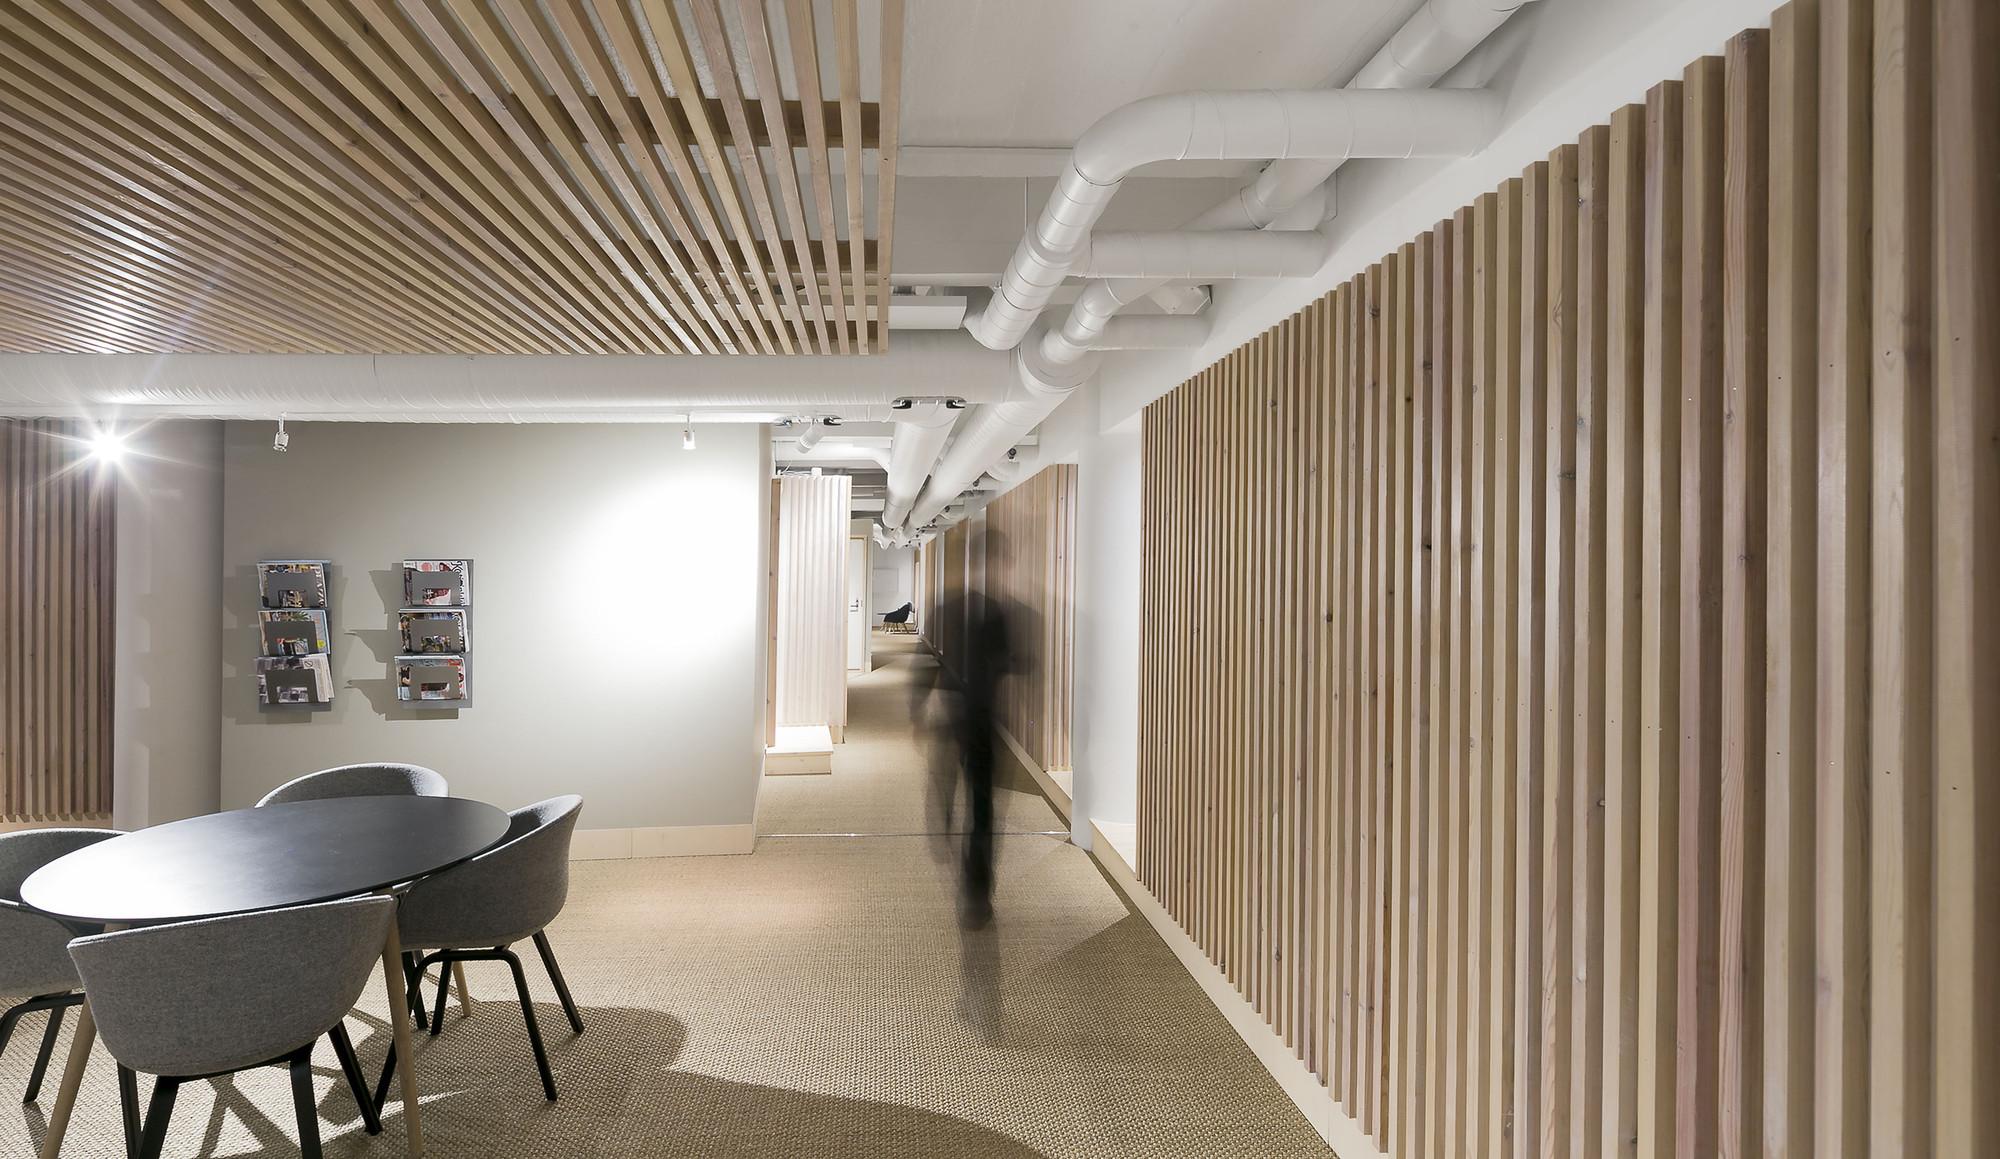 Dream Hotel / Studio Puisto Architects, © Marc Goodwin